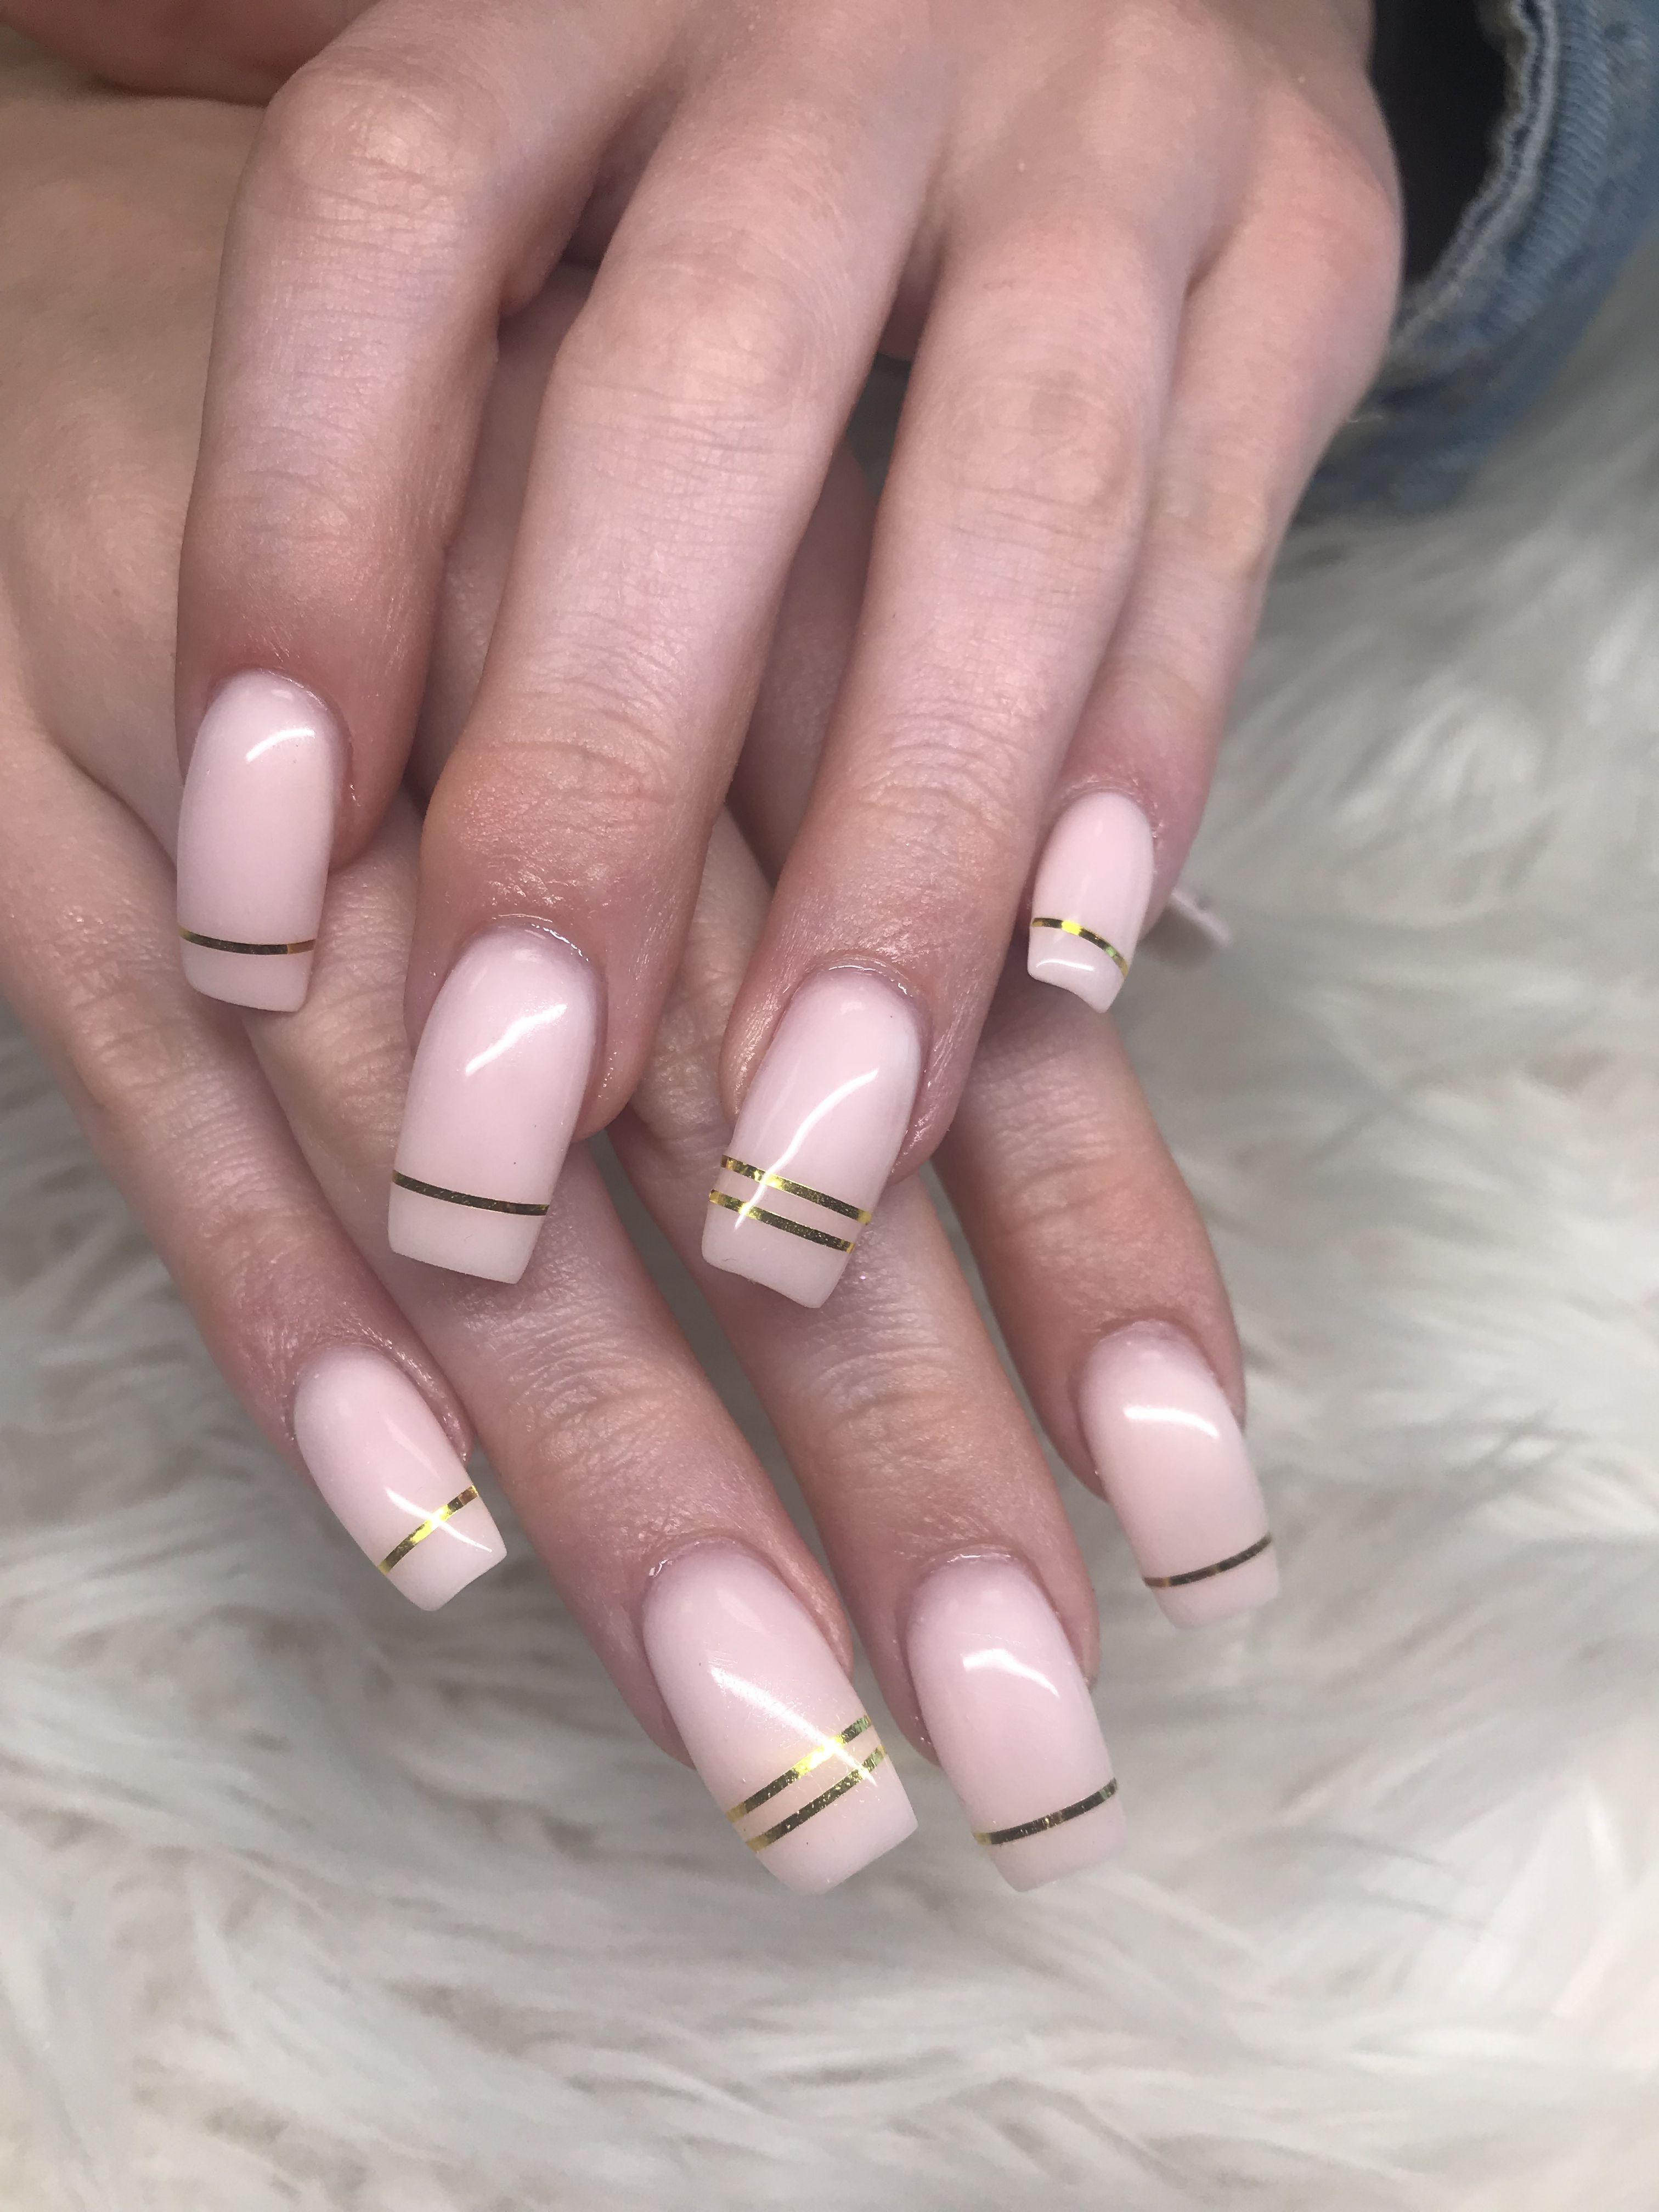 Lilian nails & beauty Linköping, Linköping, Innerstaden - Bo